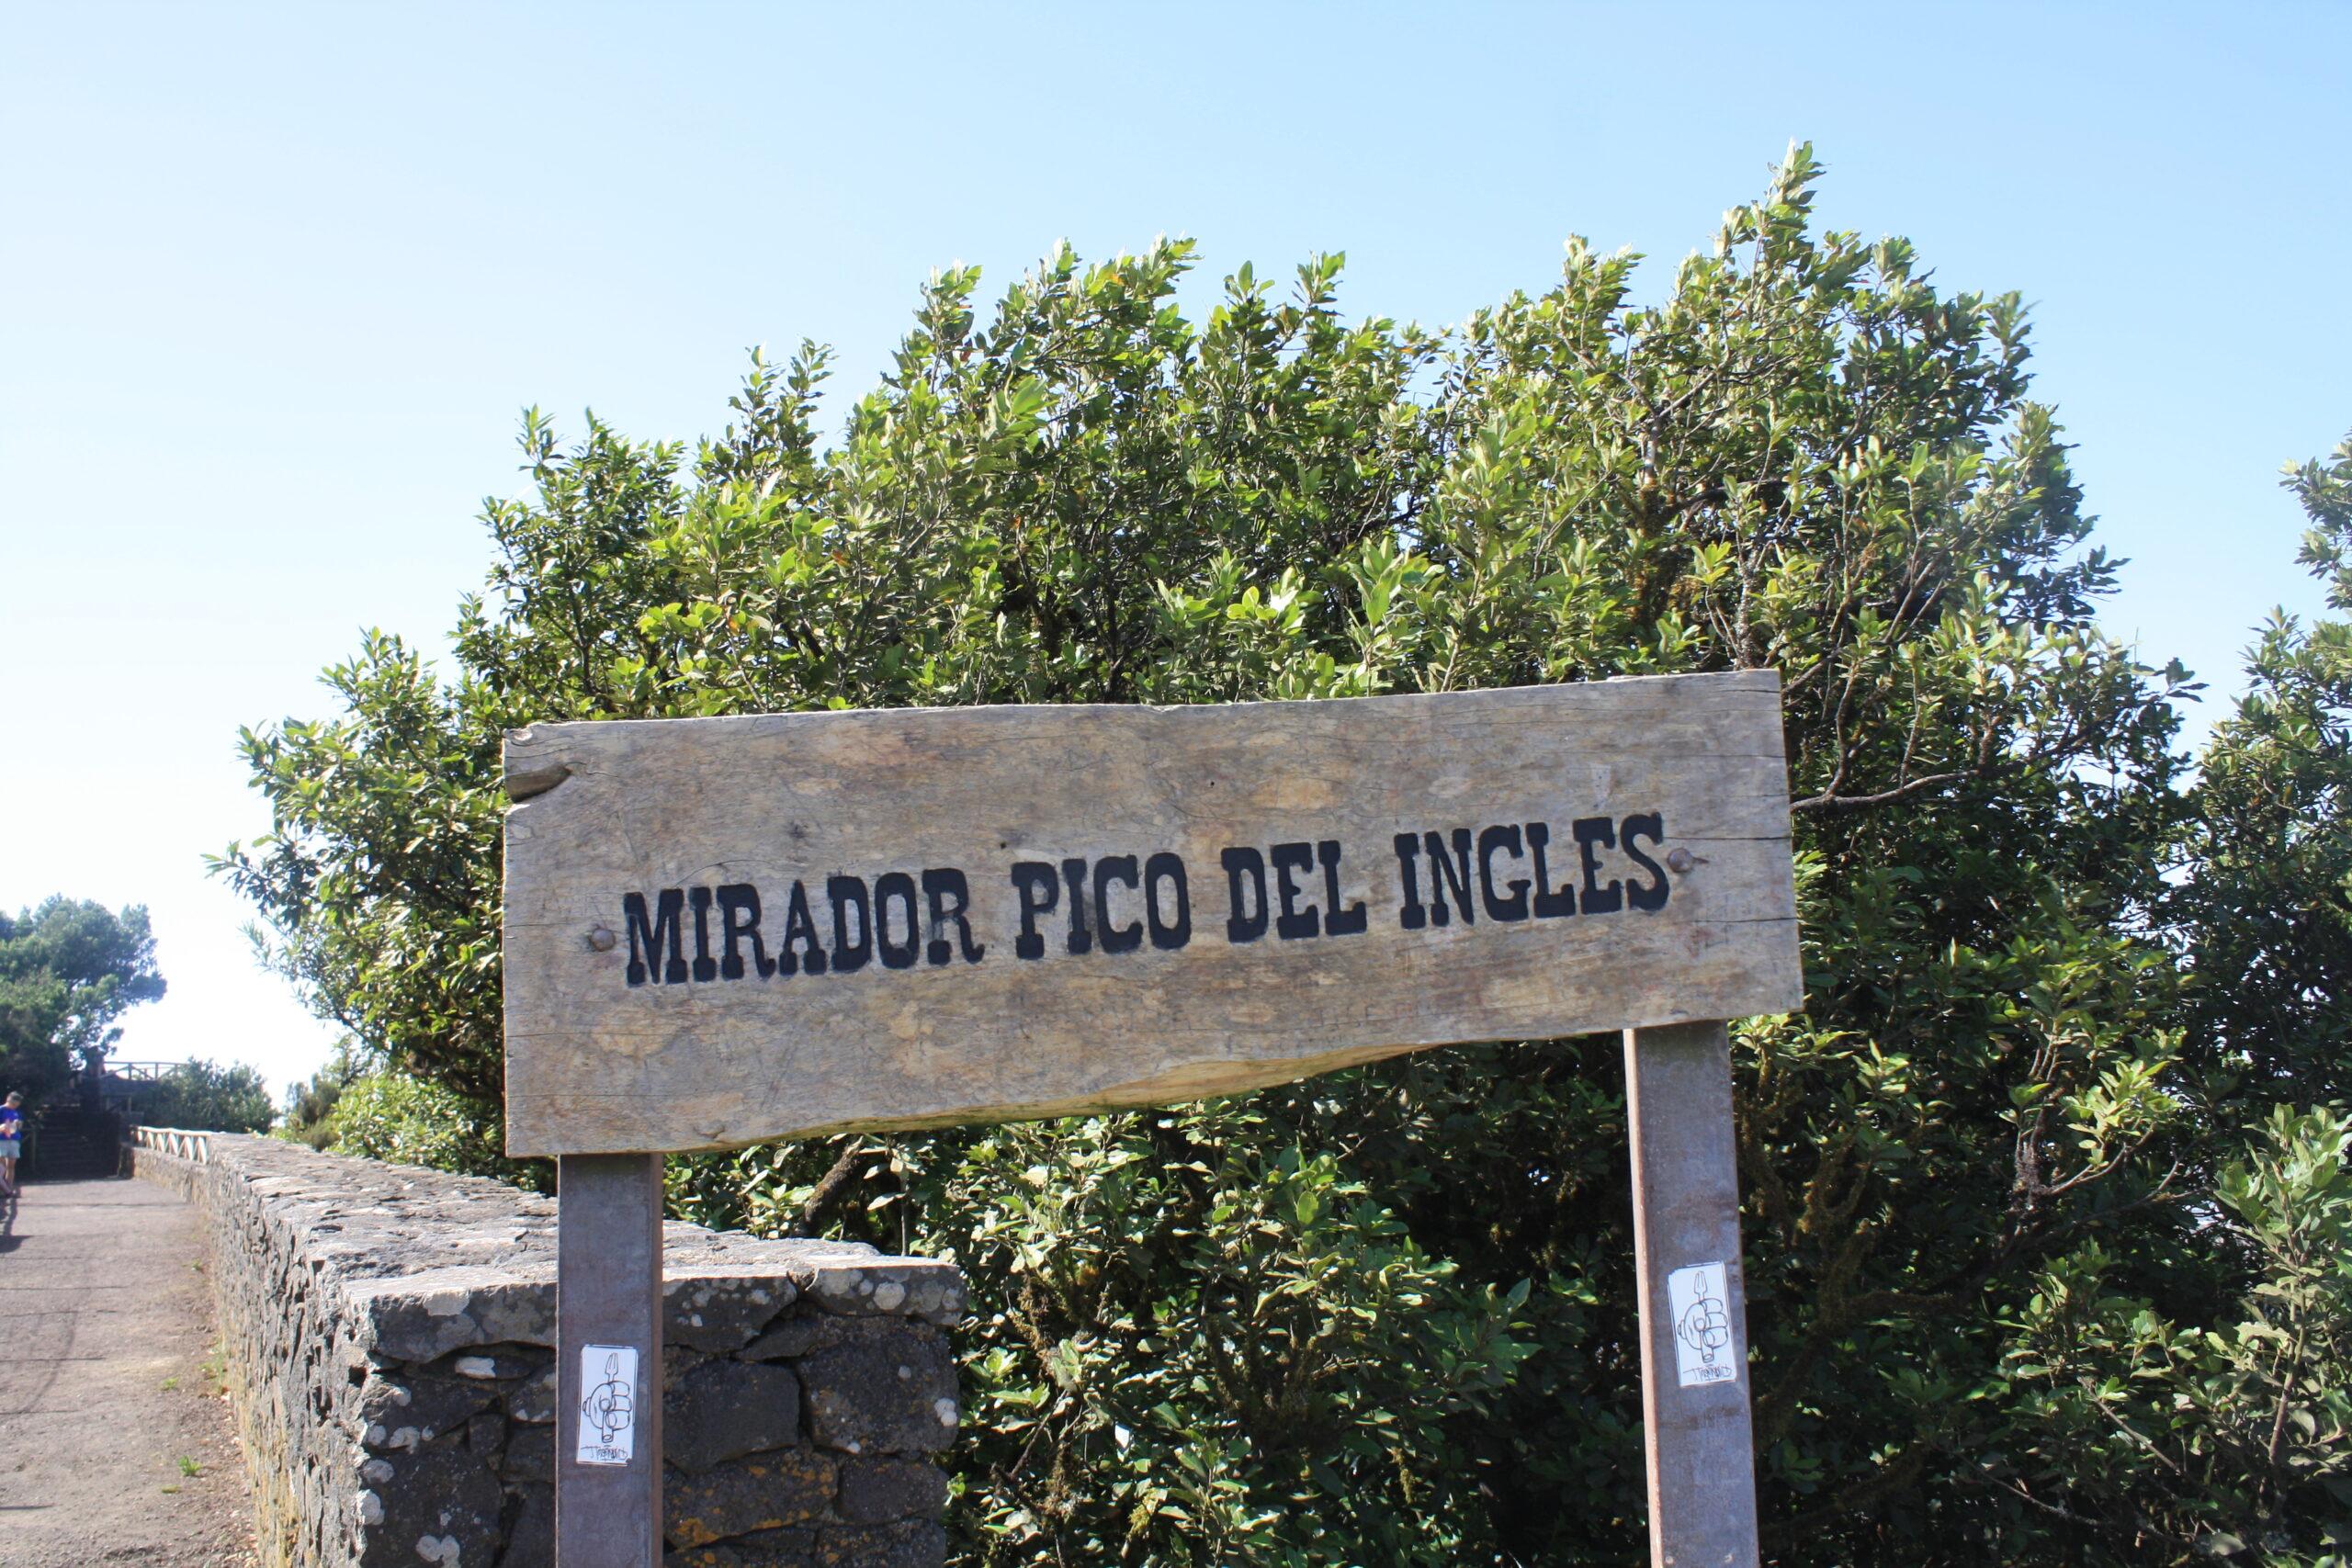 Mirador de Pico del Inglés